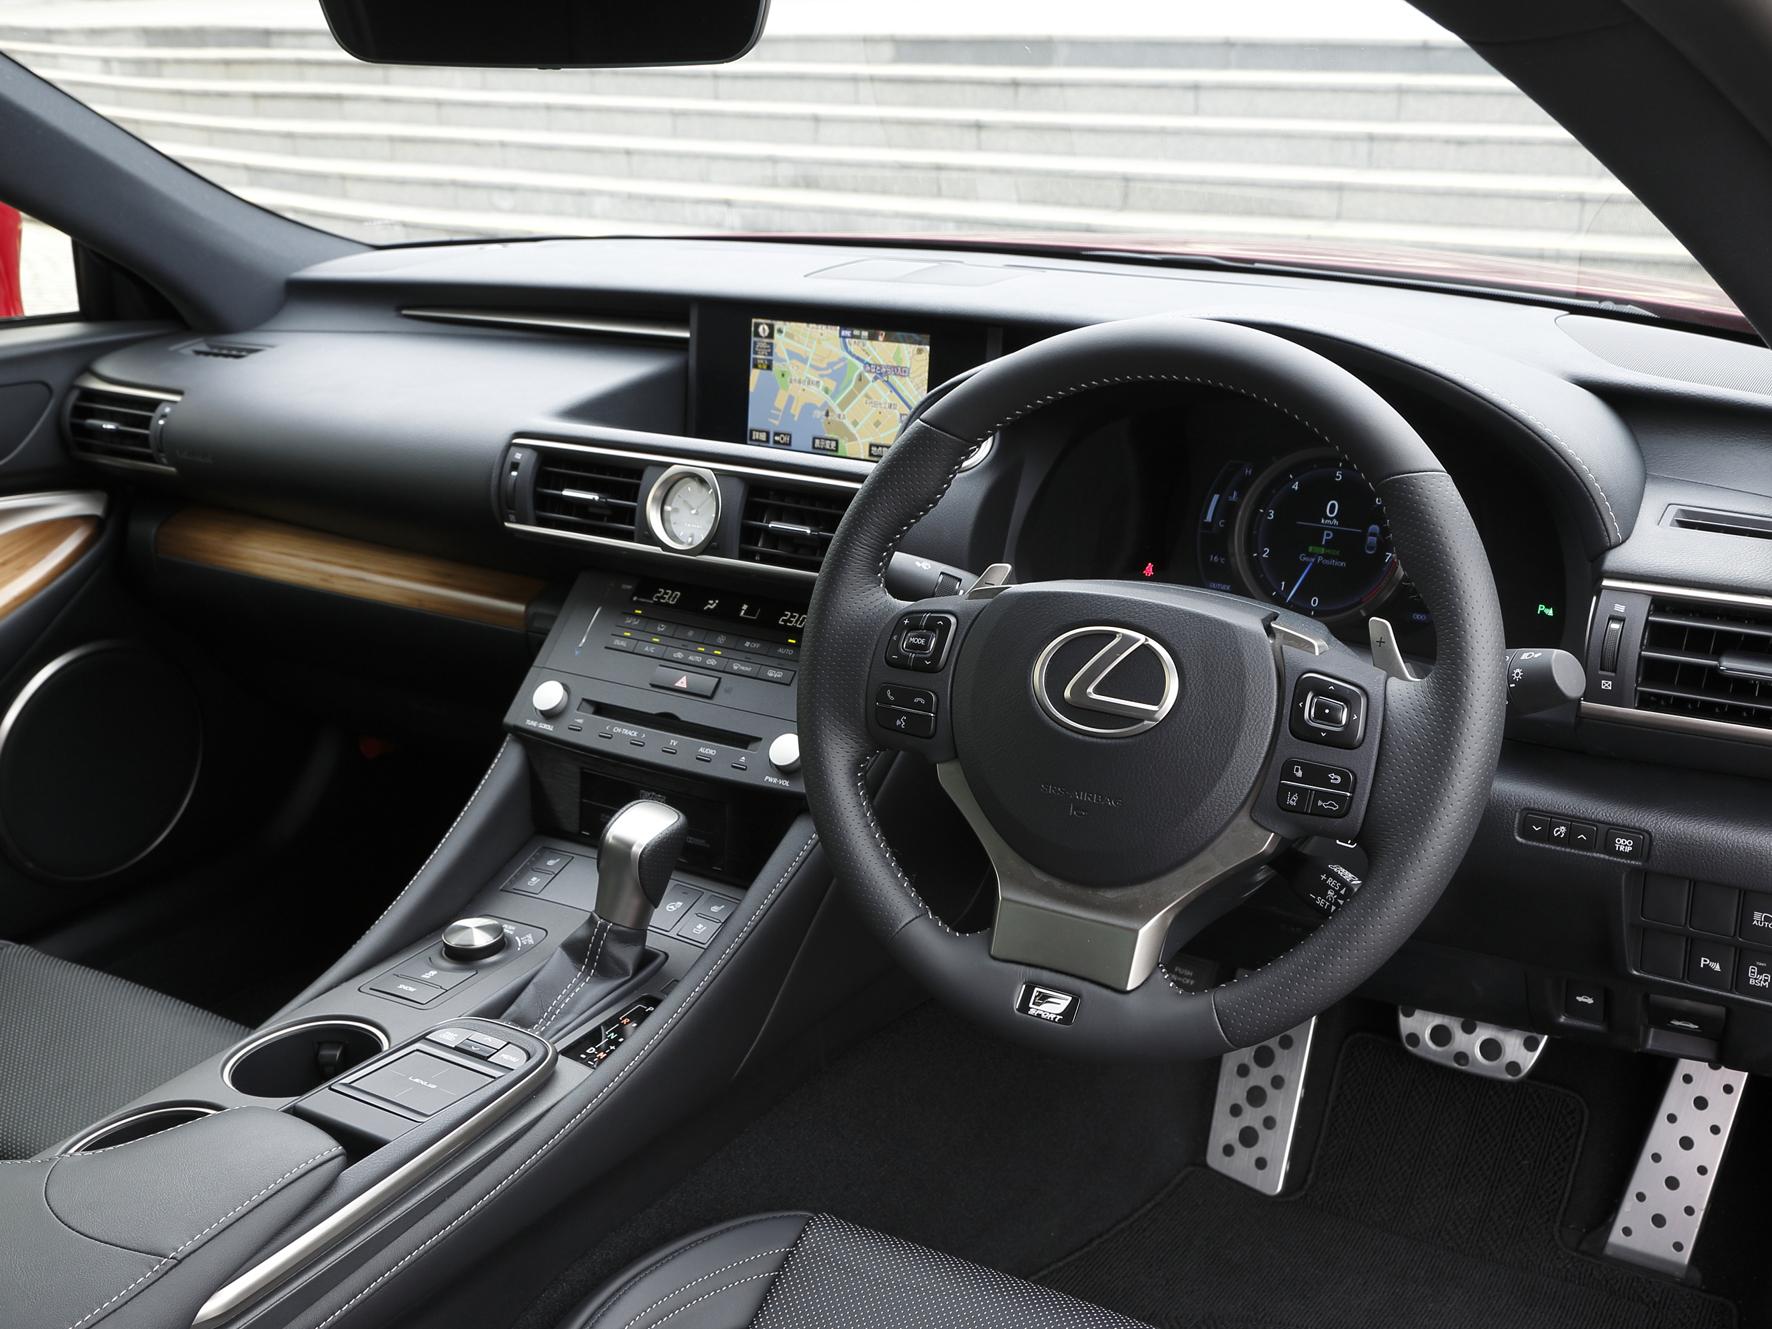 ▲適切な運転姿勢のままナビやオーディオを操作できるタッチパッド式の新型リモートタッチが採用され、快適性も追求されている